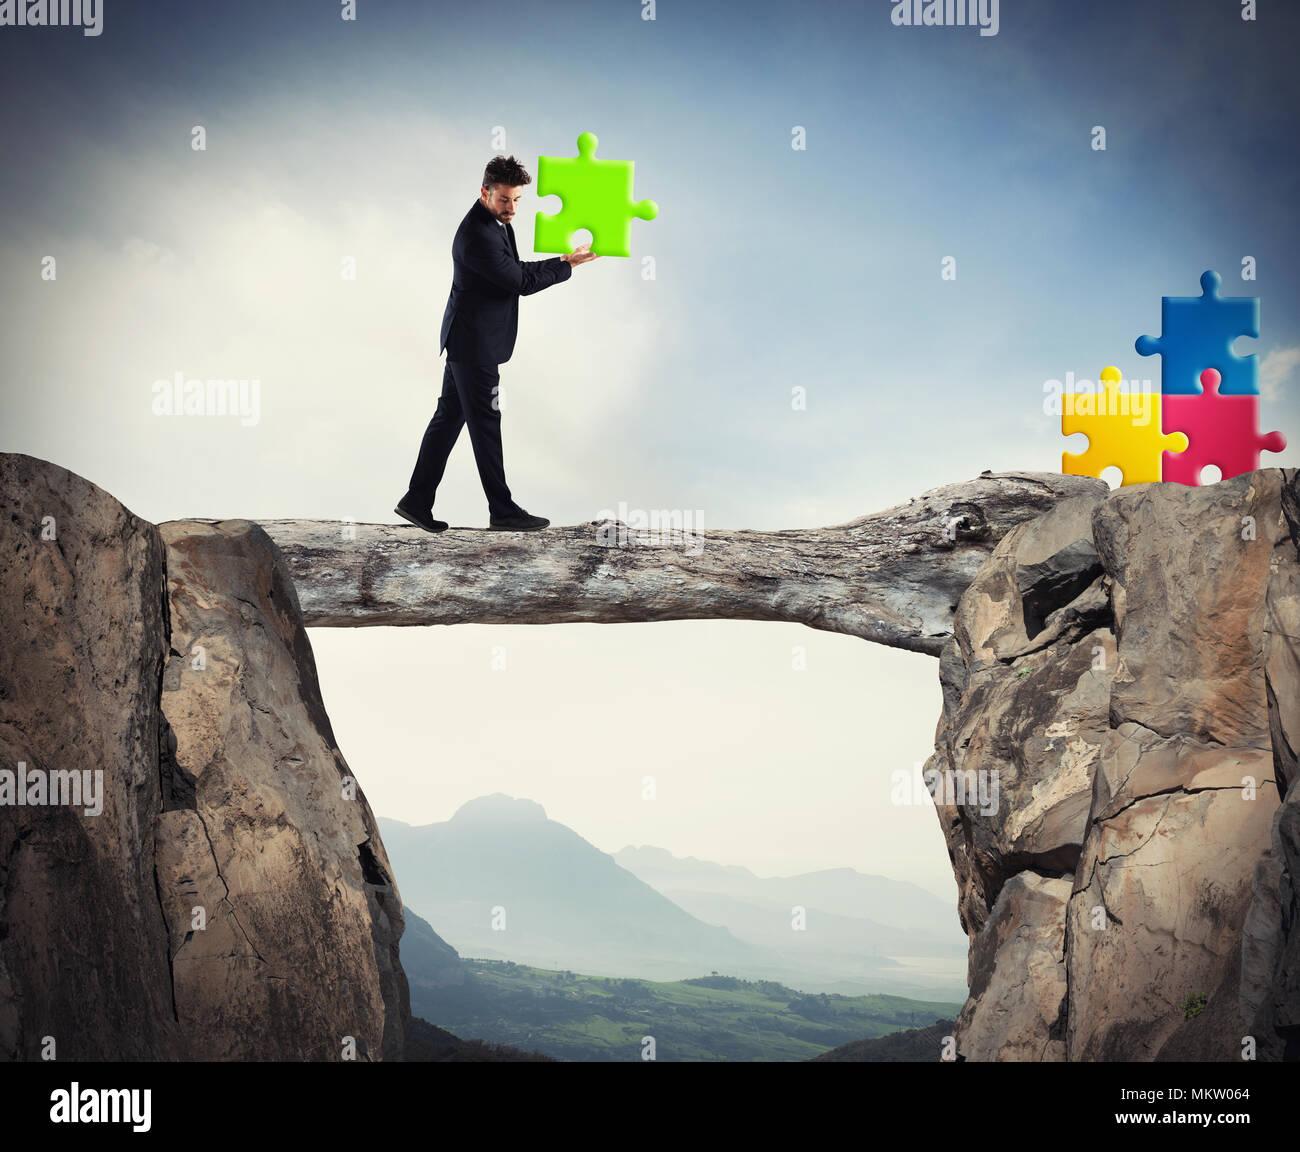 Businessman porte un morceau de casse-tête pendant qu'il marche sur un tronc d'arbre. concept de pièce manquante Banque D'Images